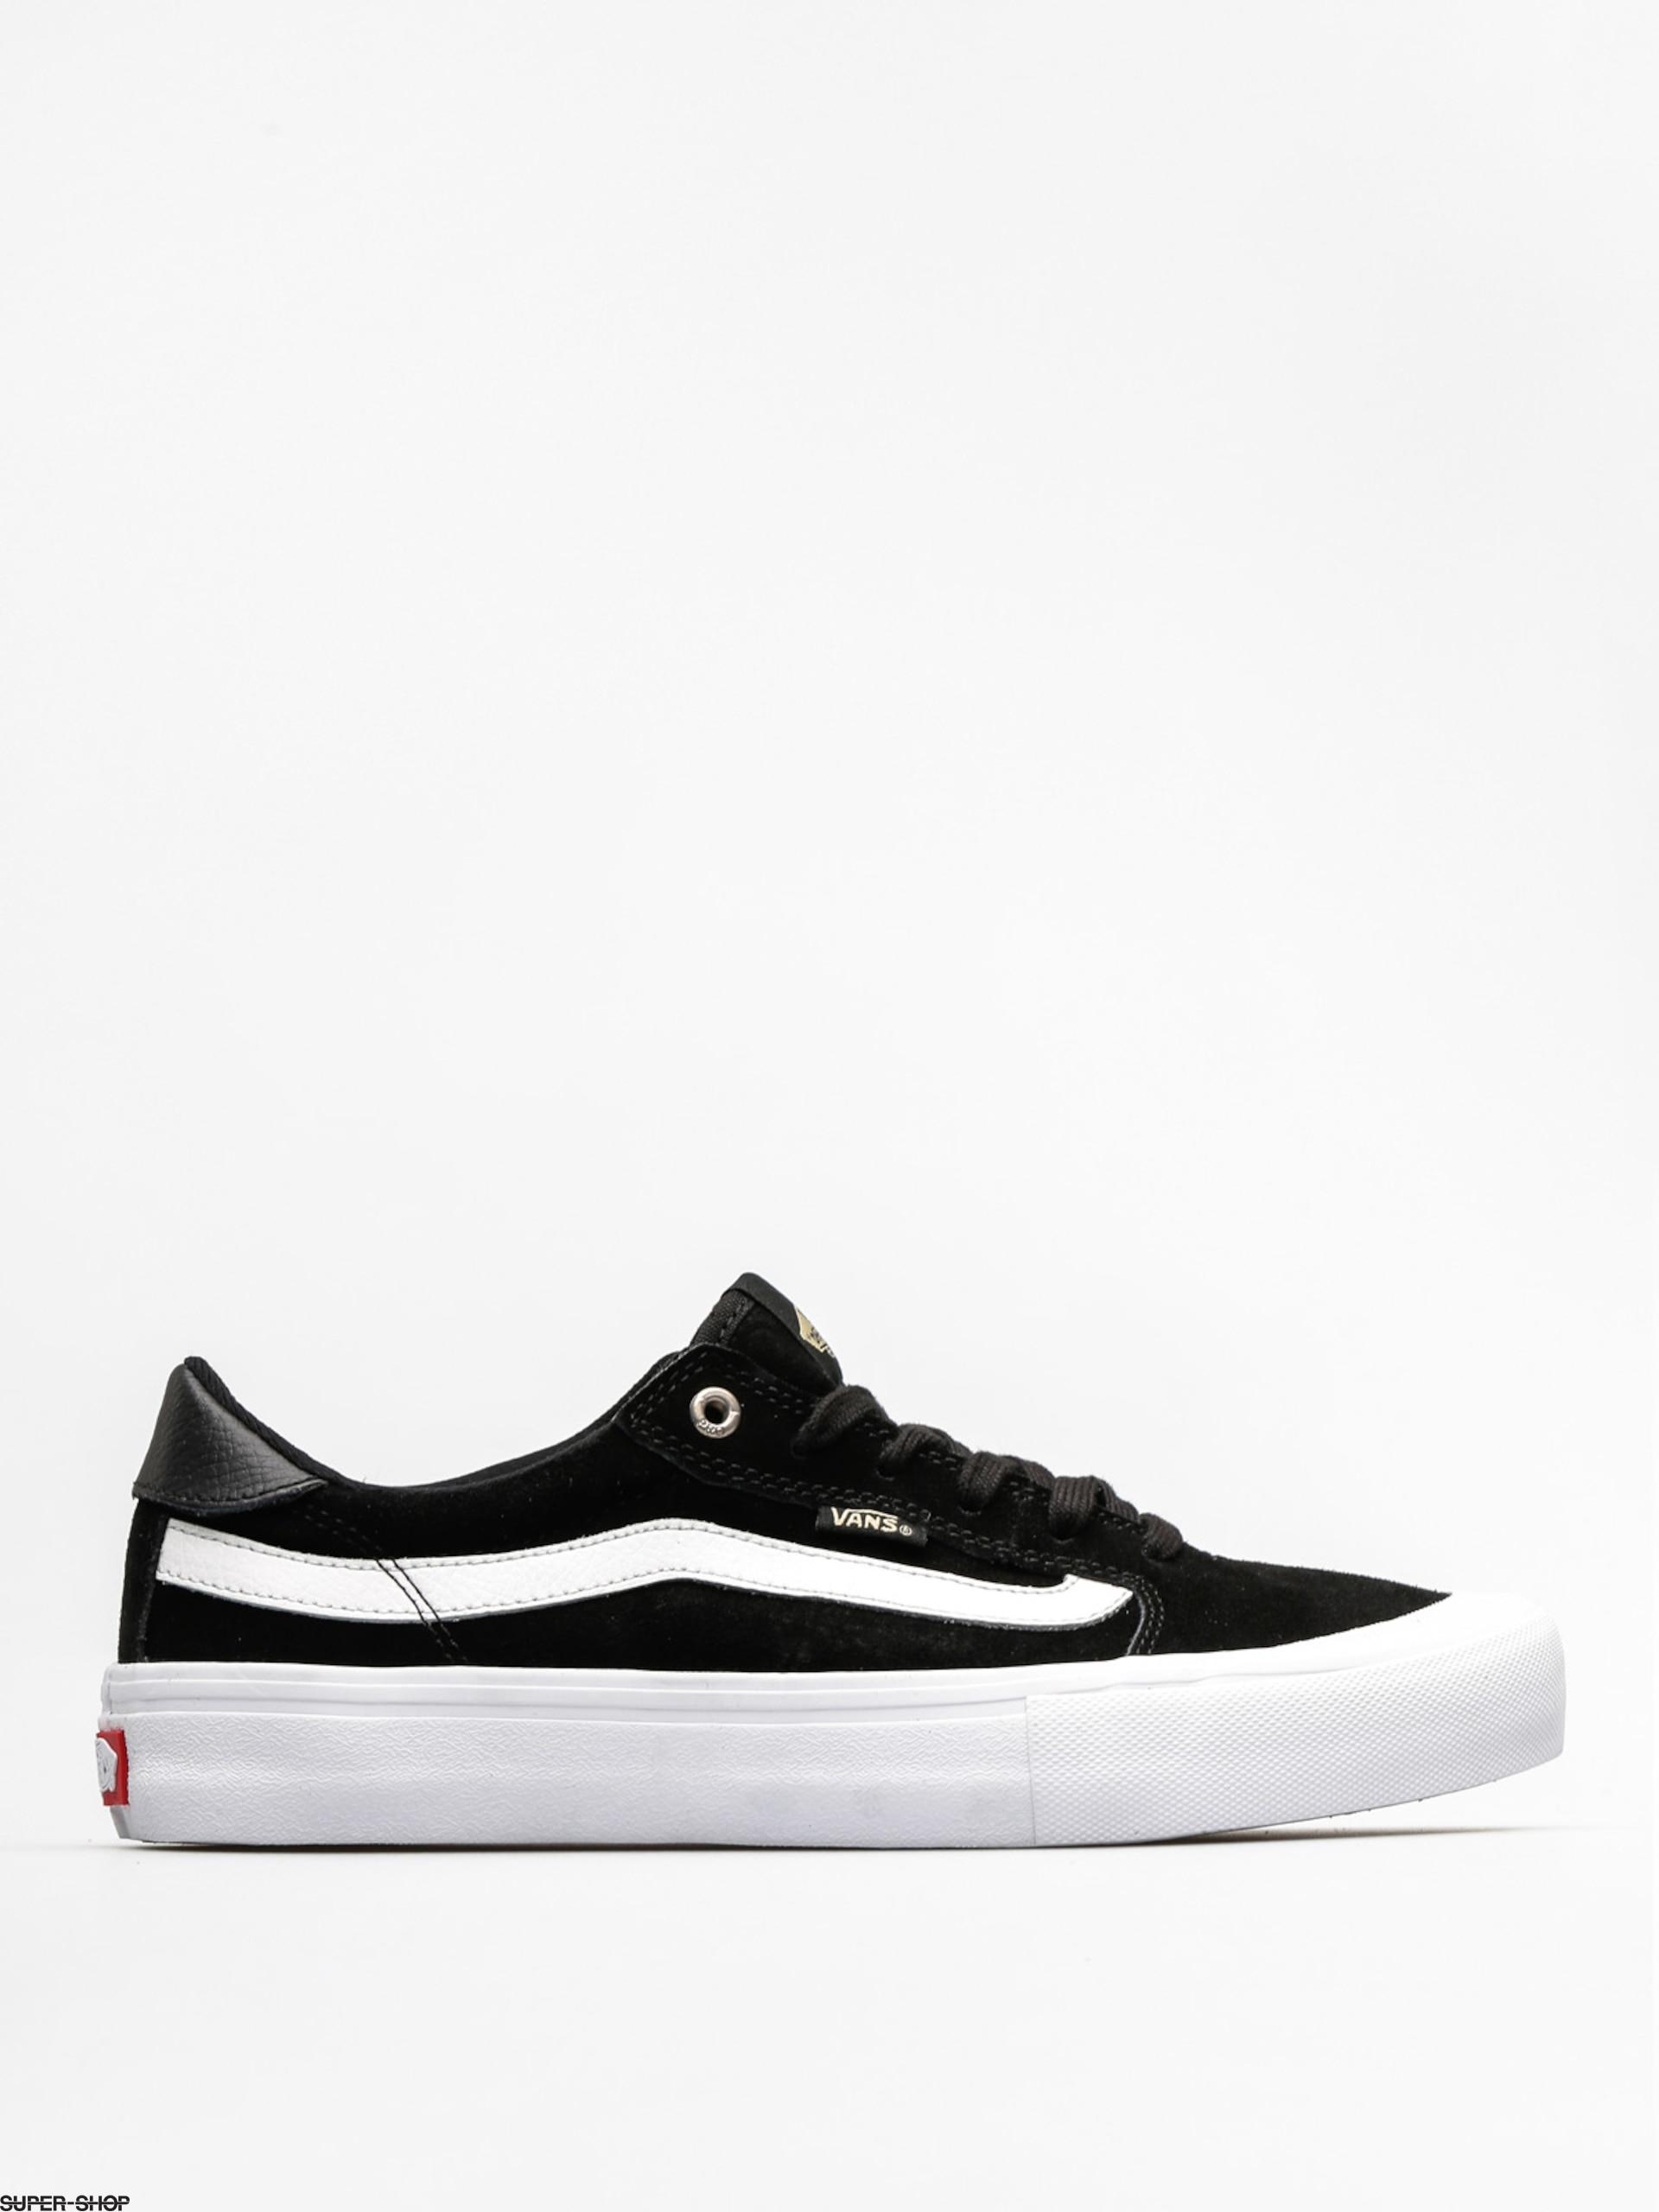 Vans Shoes Style 112 Pro (black/black